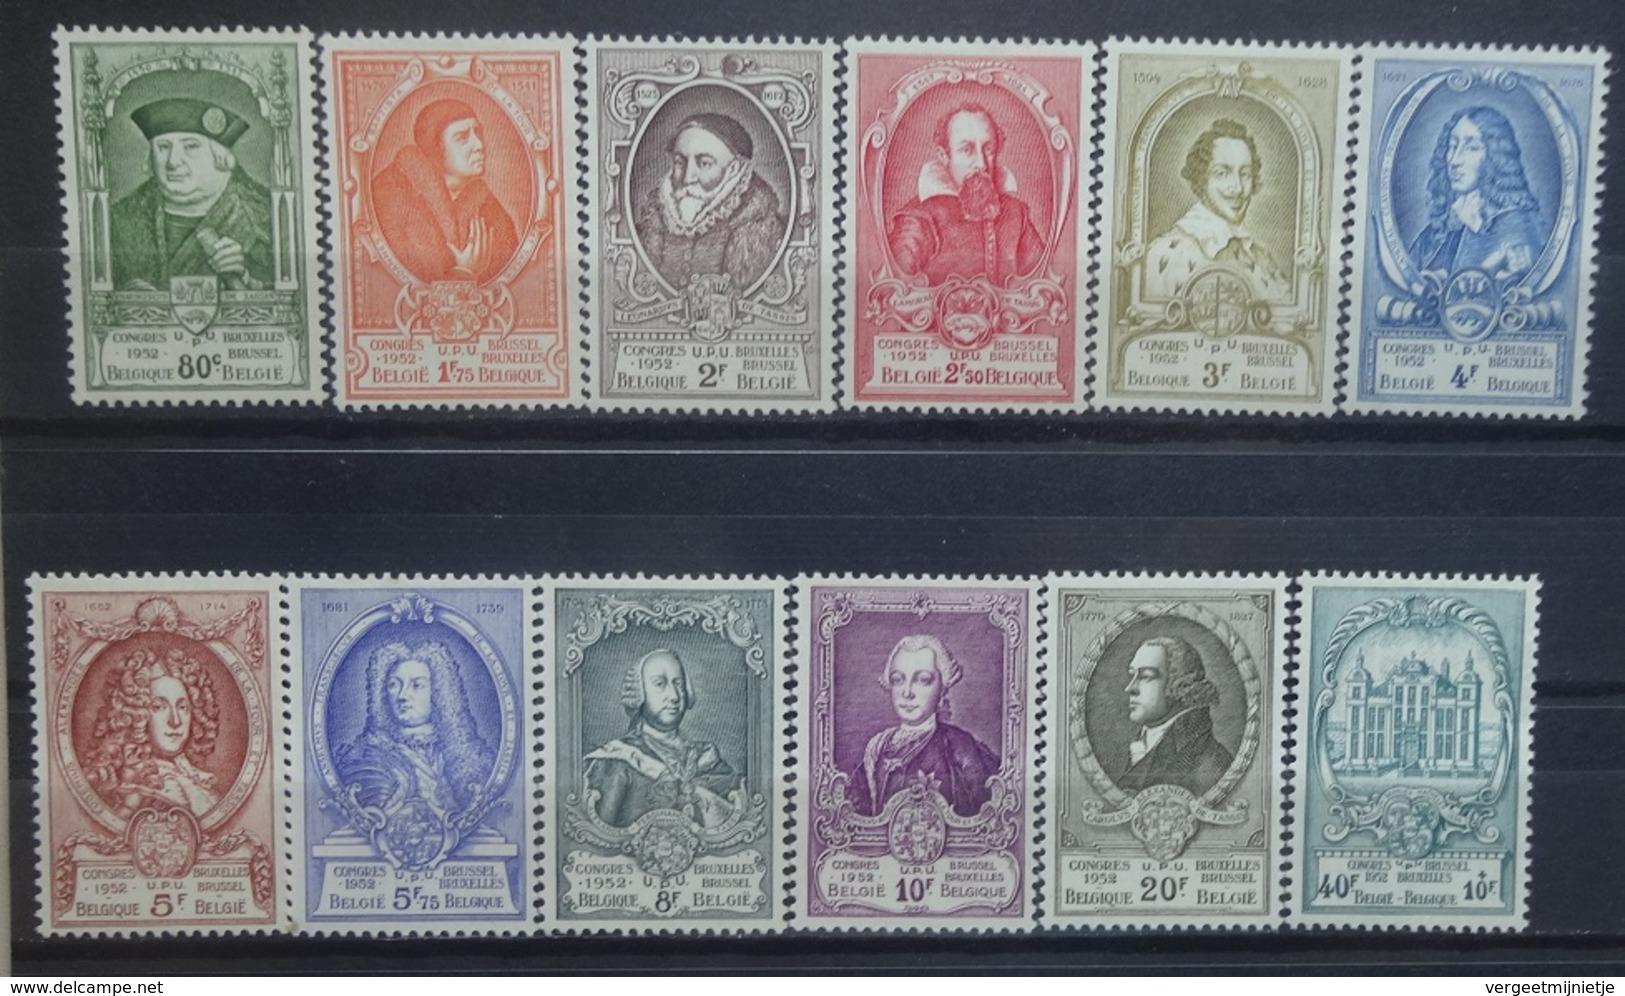 BELGIE   1952    Nr. 880 - 891  UPU    -   Zeer Goede Staat   -   Postfris **   CW 320,00 - Unused Stamps